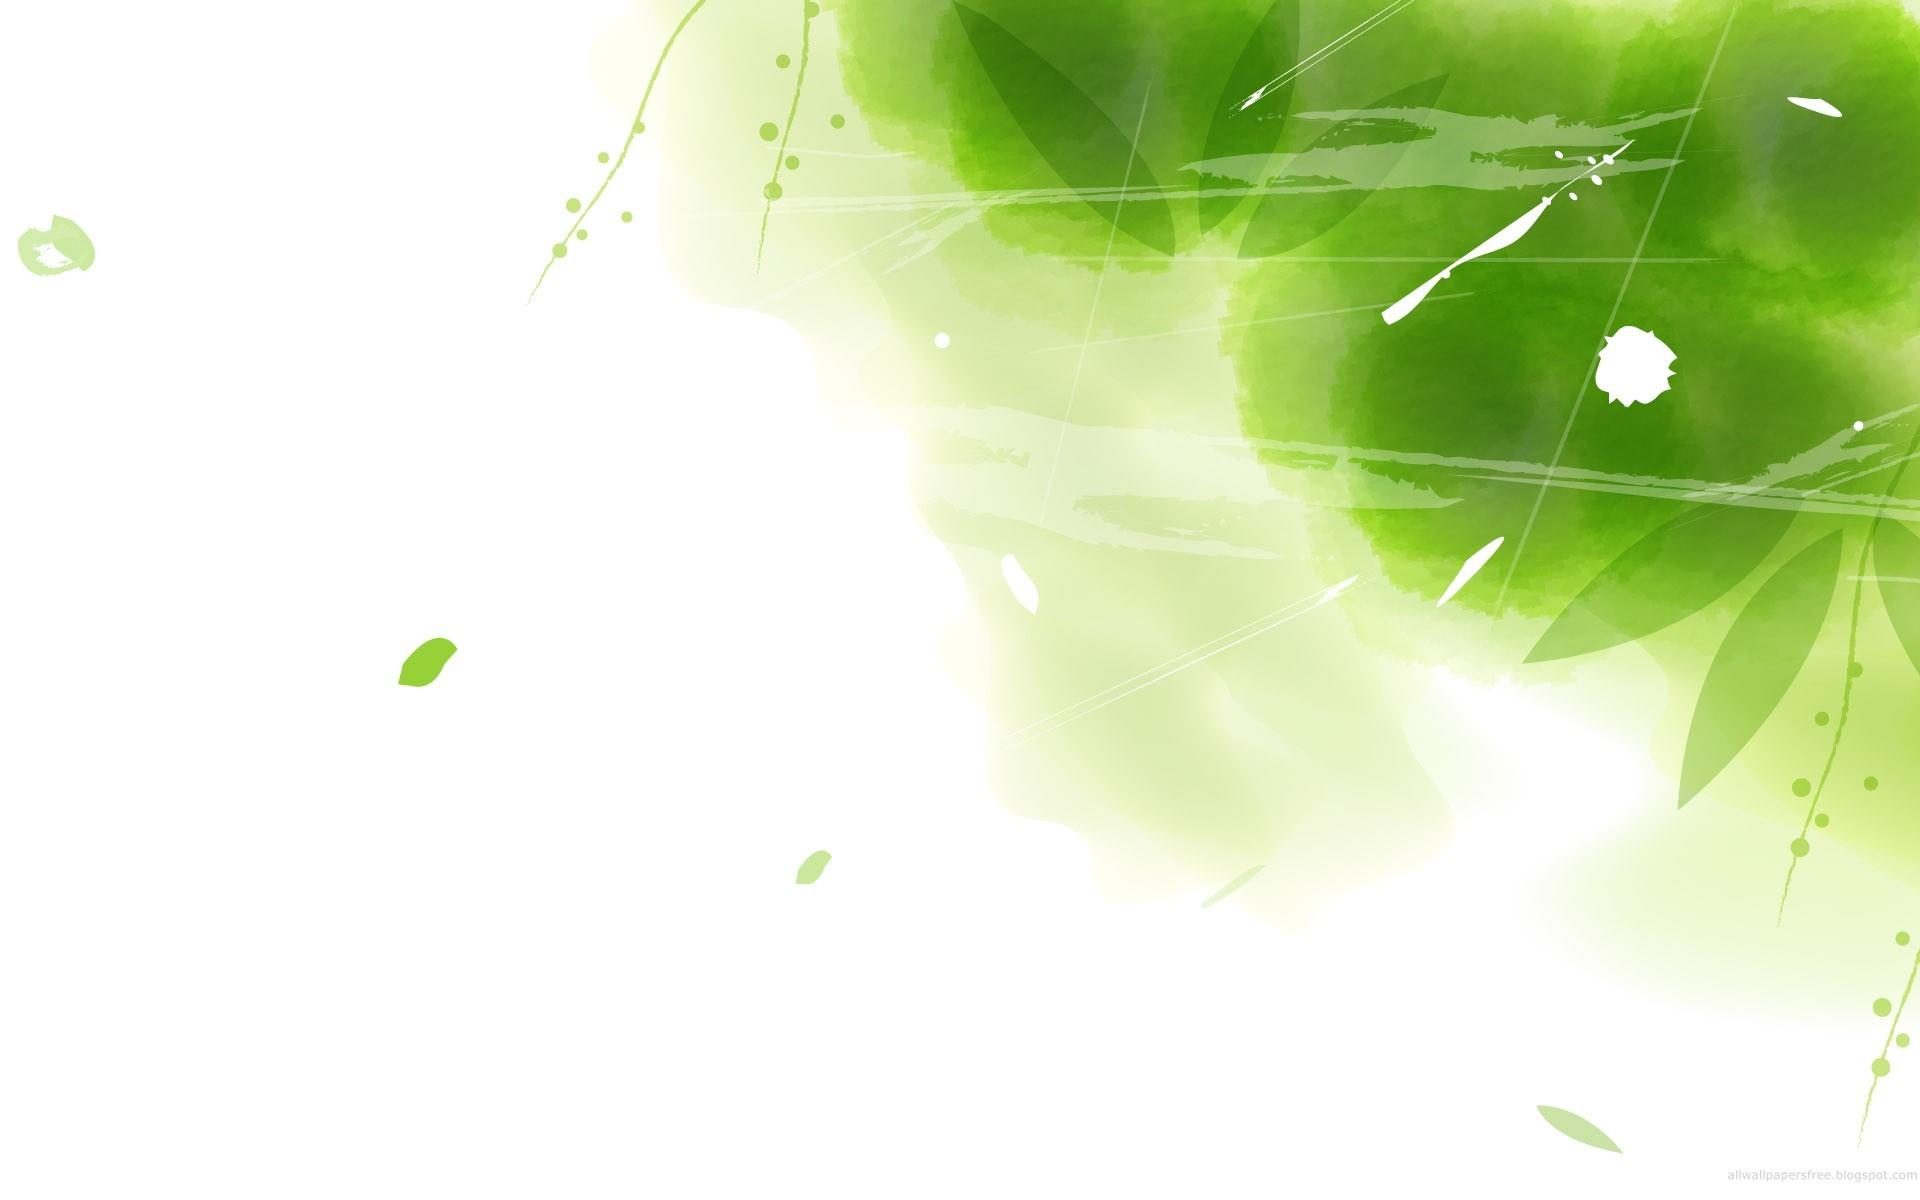 Abstract Wallpaper Green Wallpaper Hd .